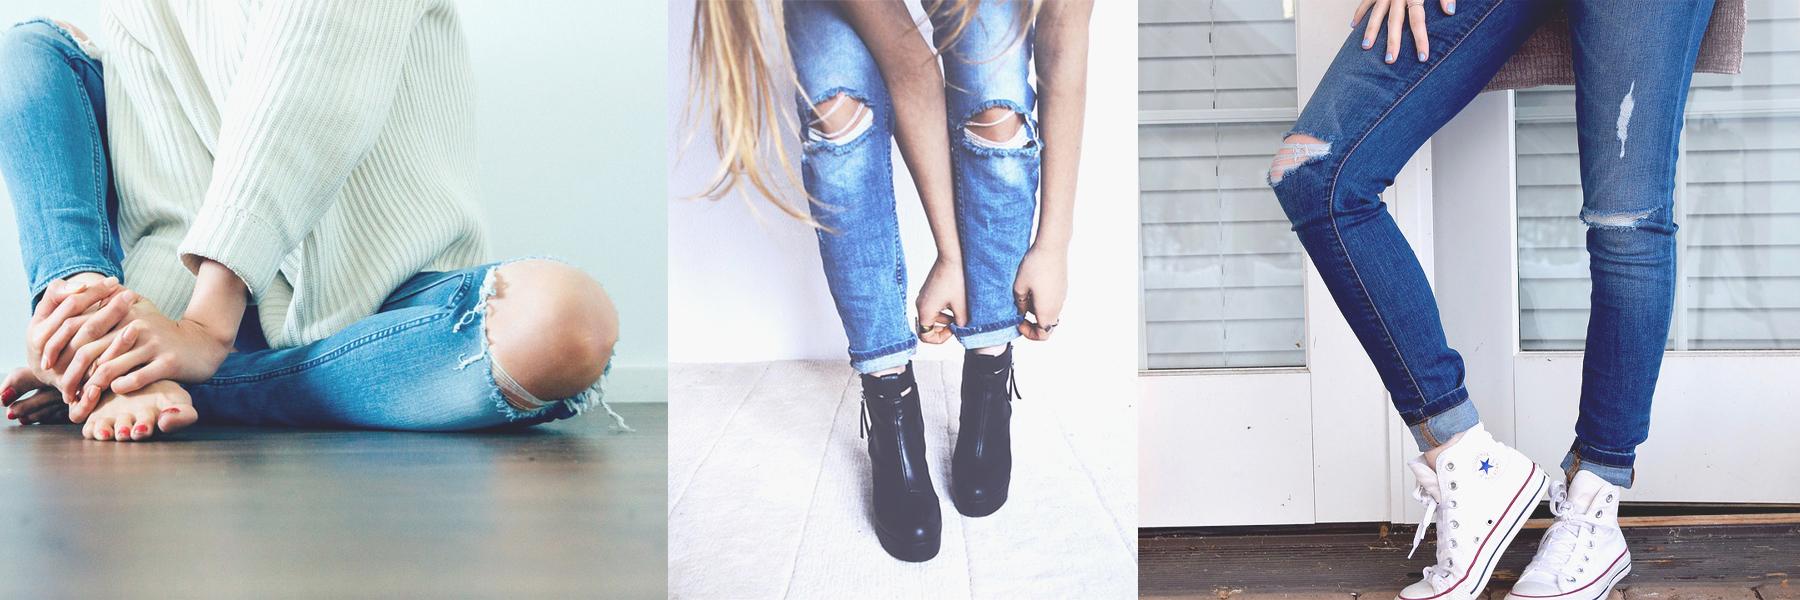 0d5cffb50c76b9 Damen Jeans günstig auf Rechnung bestellen im Jeans-Outlet